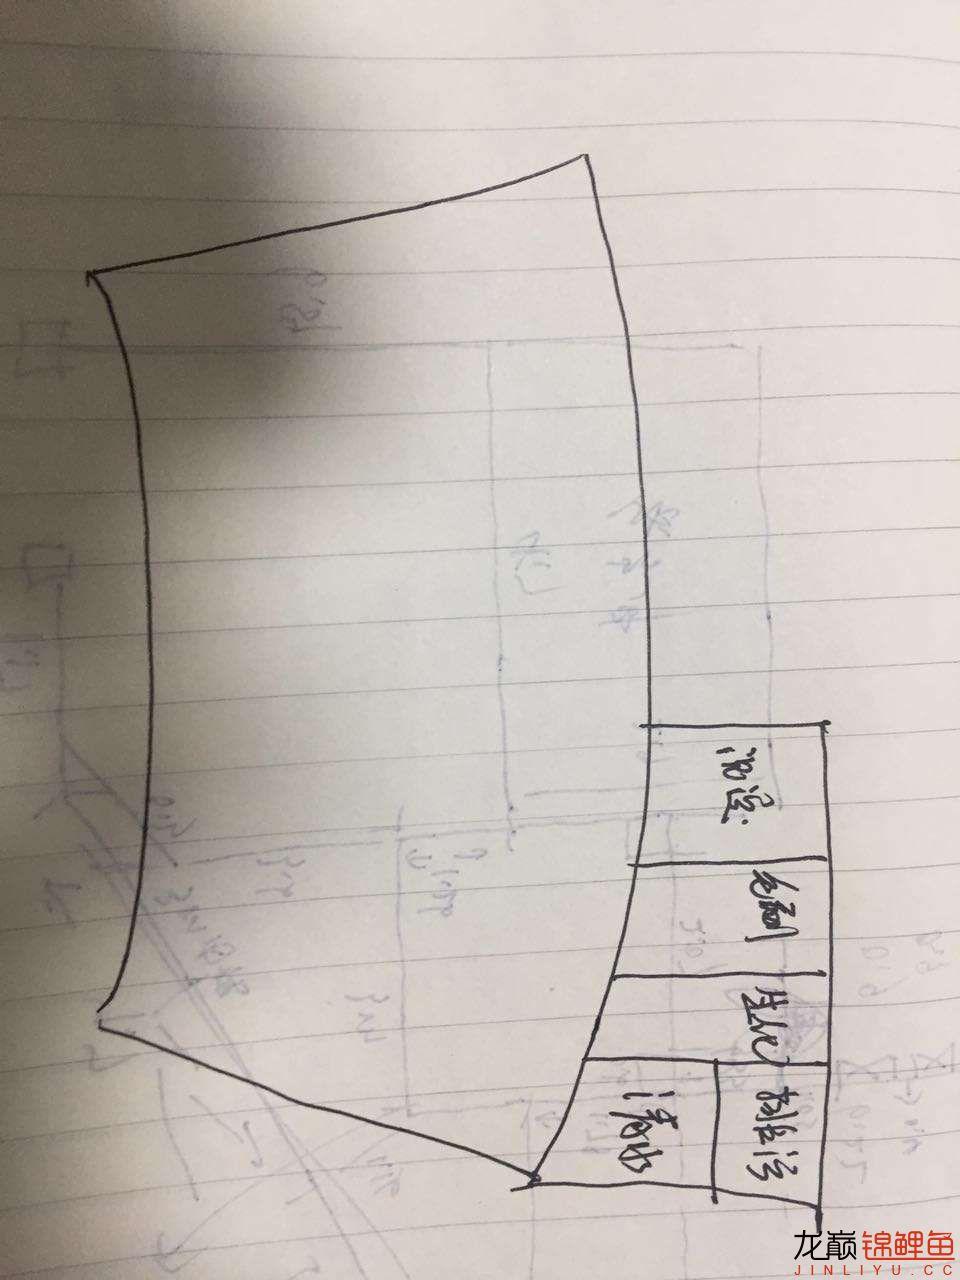 绵阳鱼缸定做定制各位老师帮忙看看 绵阳龙鱼论坛 绵阳水族批发市场第1张